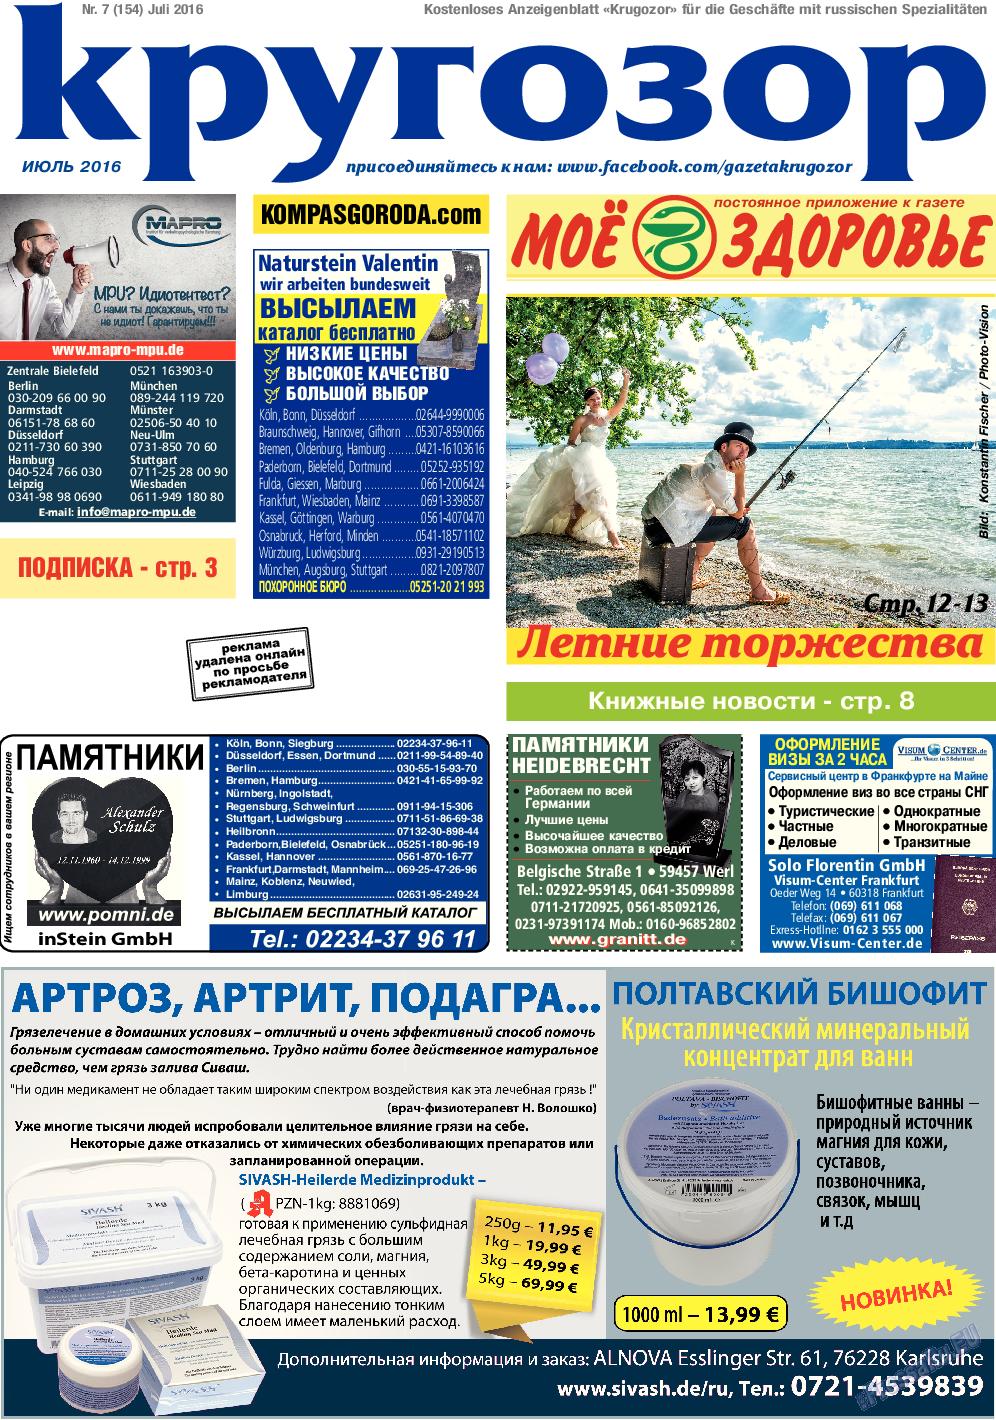 Кругозор (газета). 2016 год, номер 7, стр. 1